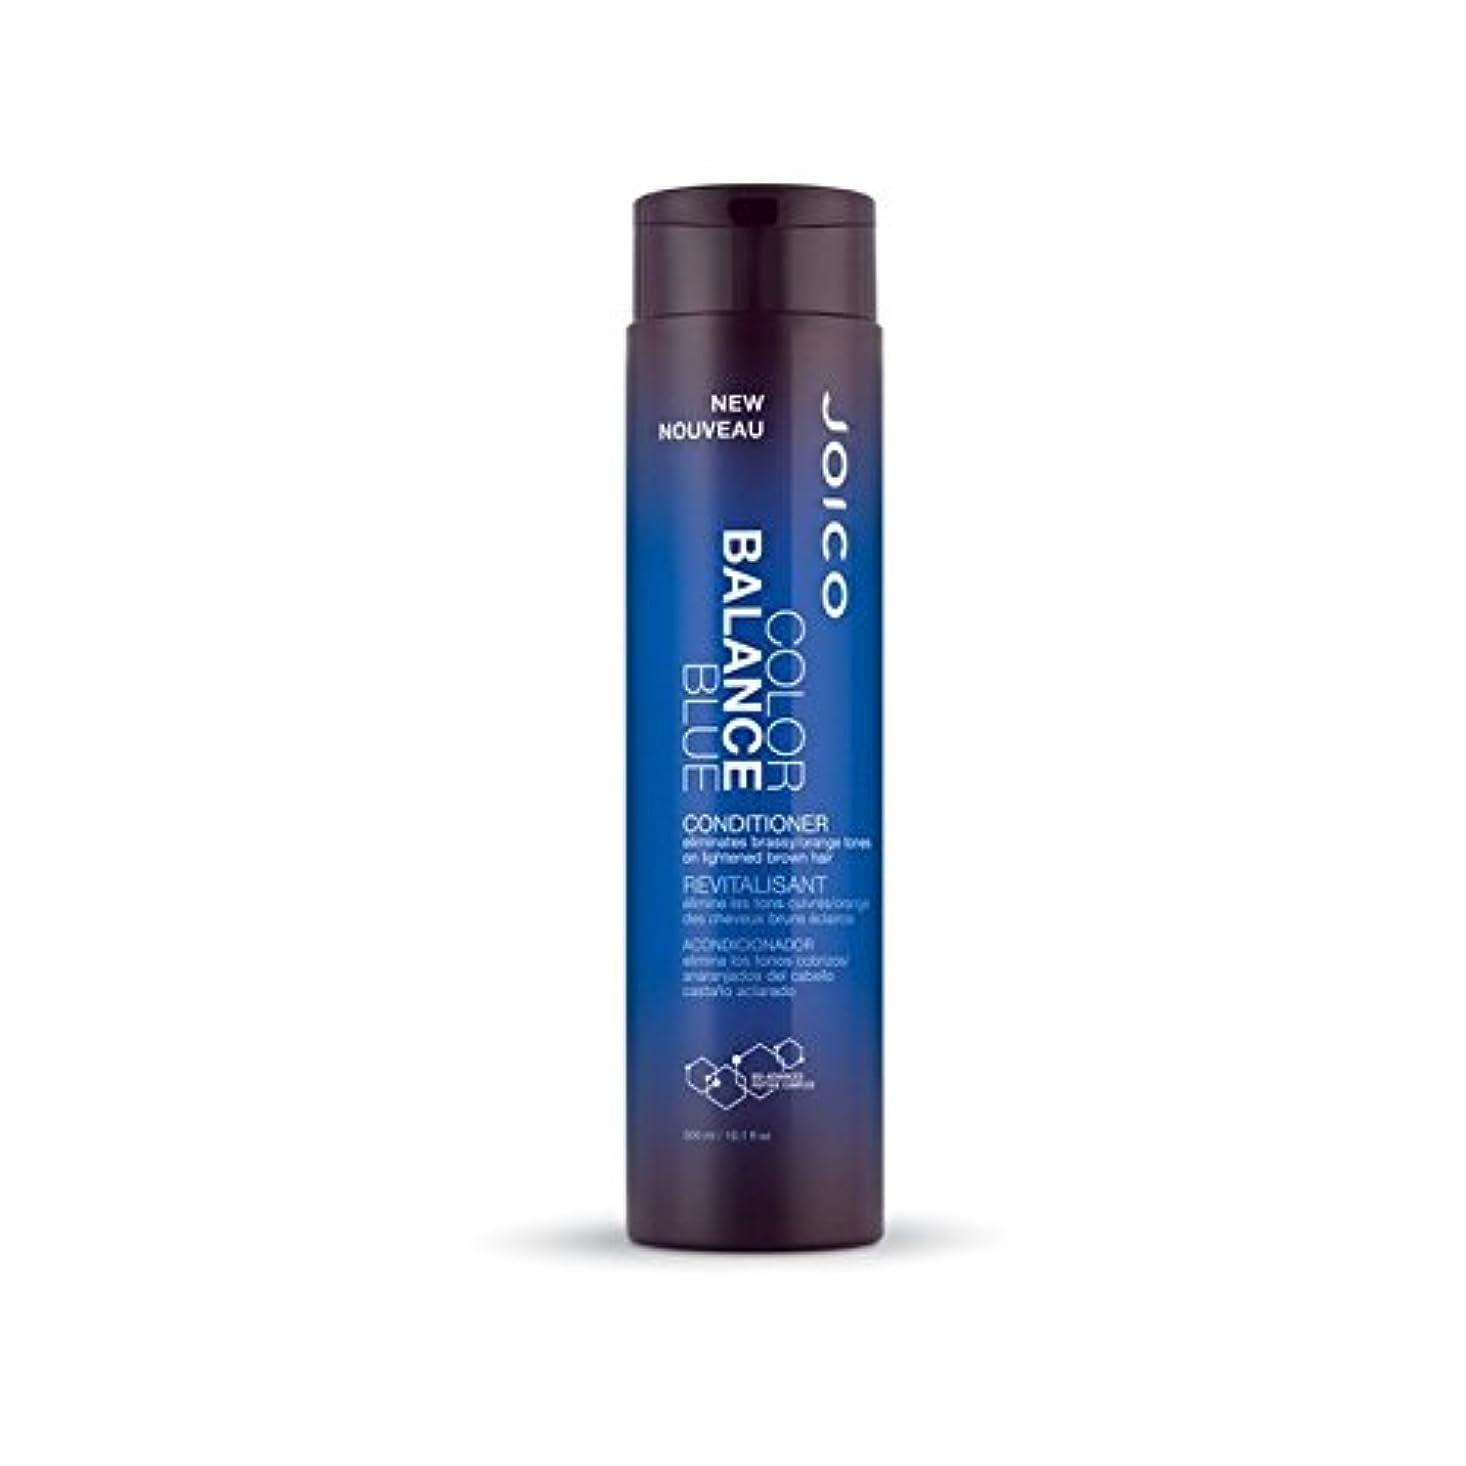 休暇発言する割り込みJoico Color Balance Blue Conditioner 300ml (Pack of 6) - ジョイコカラーバランスブルーコンディショナー300ミリリットル x6 [並行輸入品]